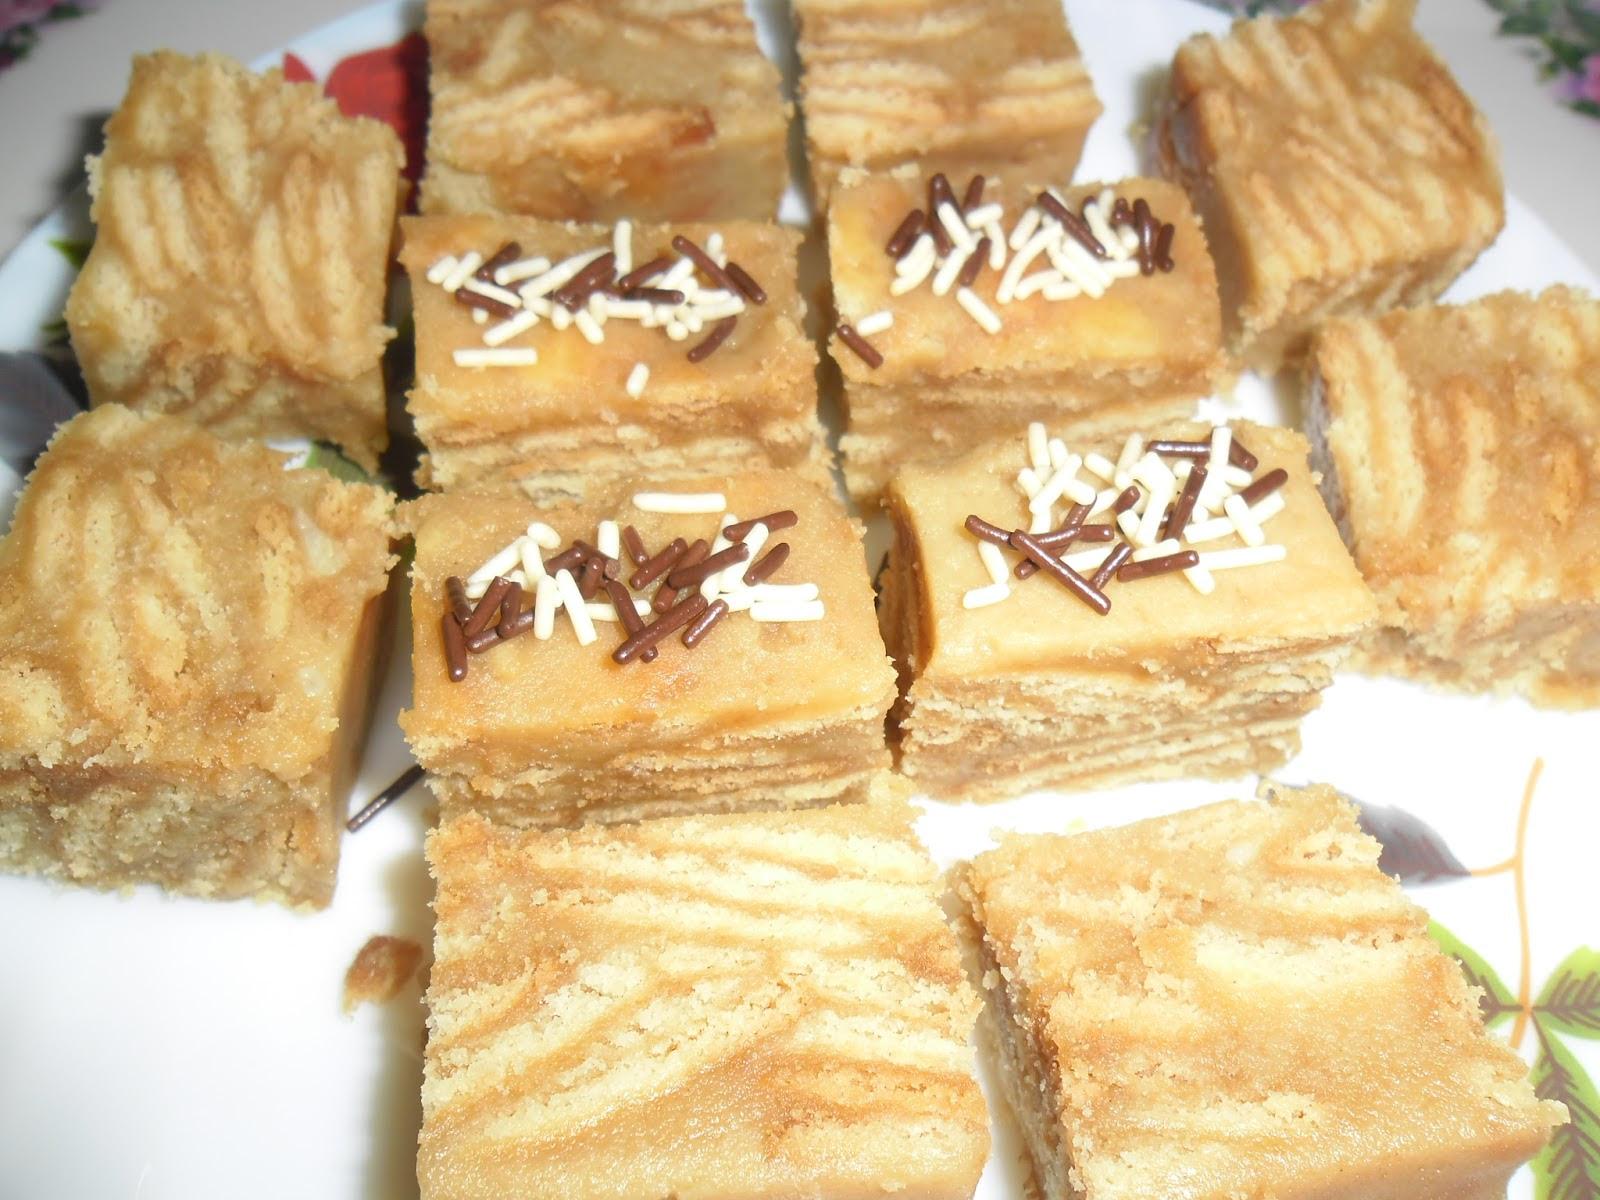 resepi kek batik chef wan resepi ee Resepi Kek Batik Biskut Marie Chef Wan Enak dan Mudah